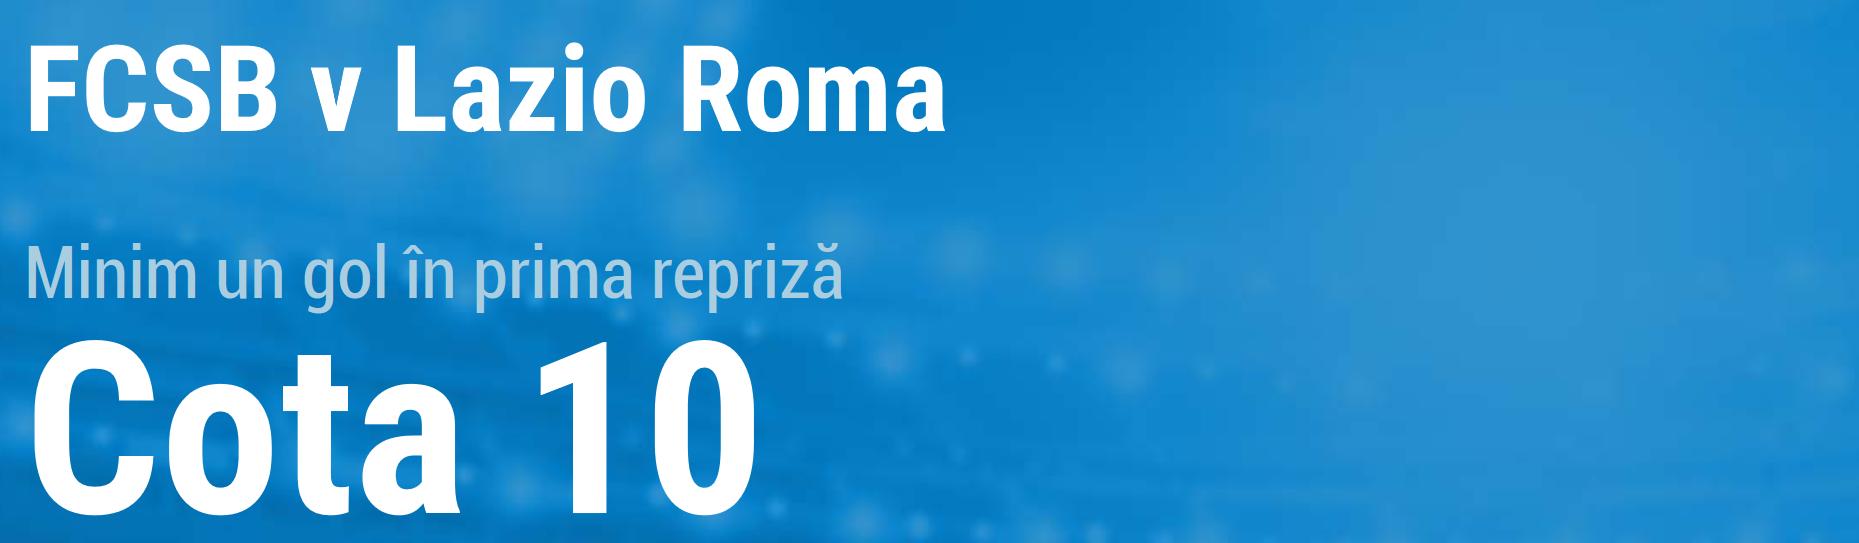 Mizeaza la cota 10.00 pe minim un gol marcat in prima repriza a partidei FSCB vs Lazio